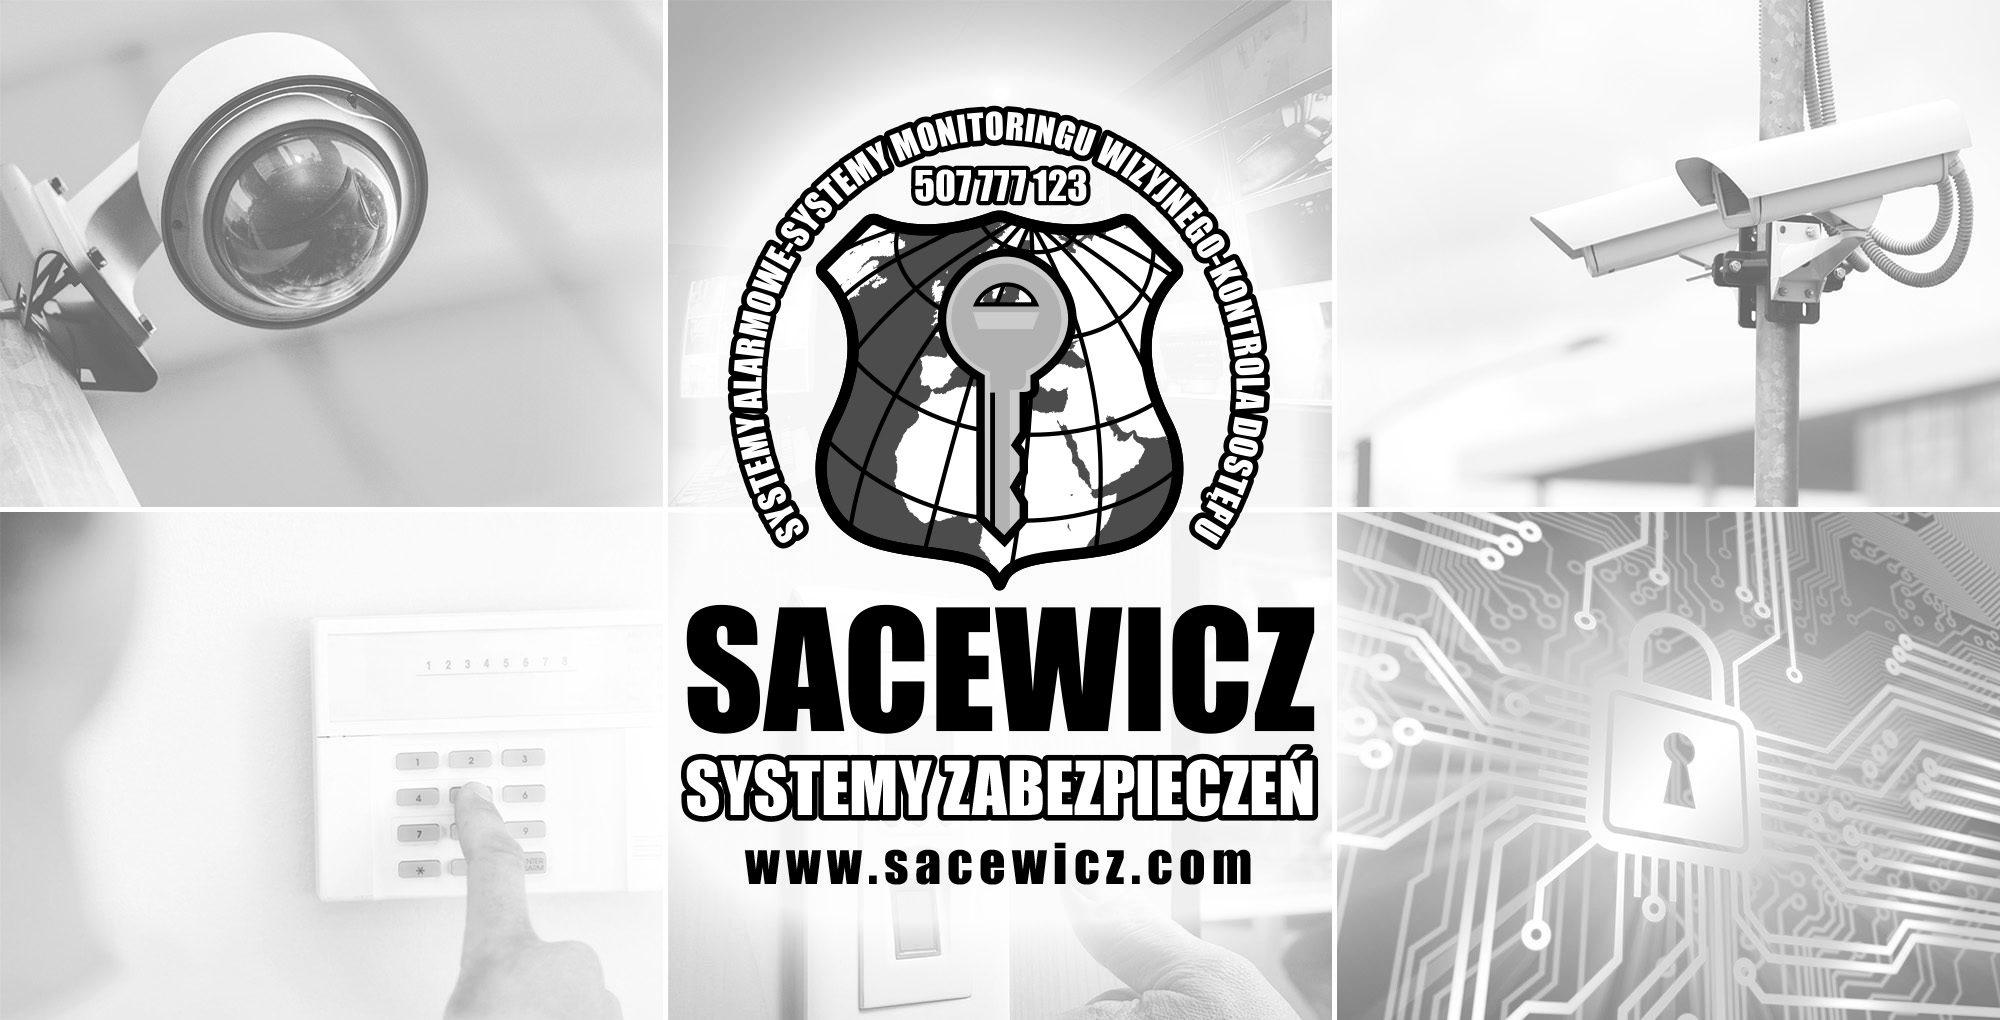 SACEWICZ – SYSTEMY ZABEZPIECZEŃ